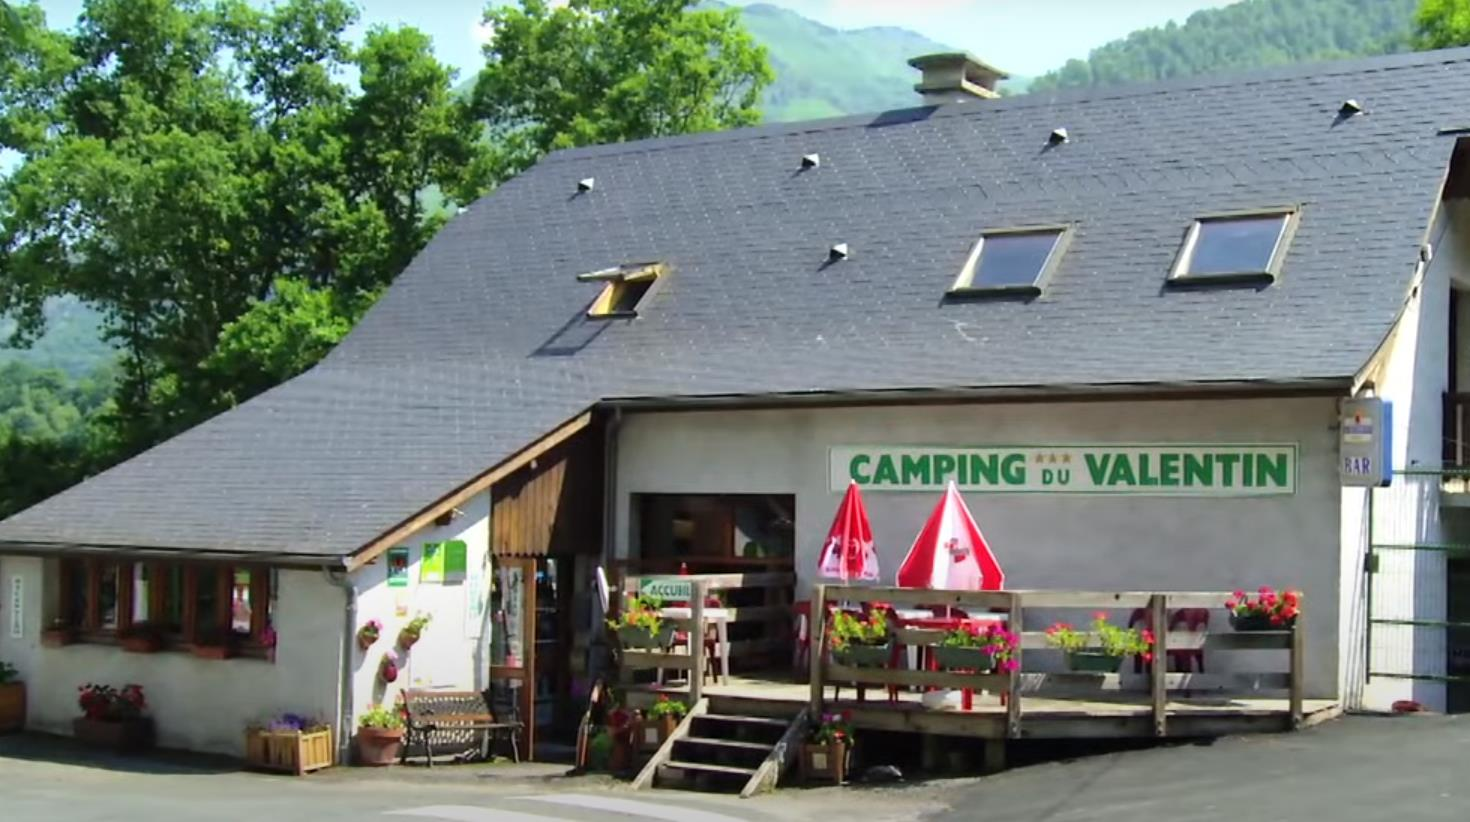 Camping le Valentin, Laruns, Pyrénées-Atlantiques